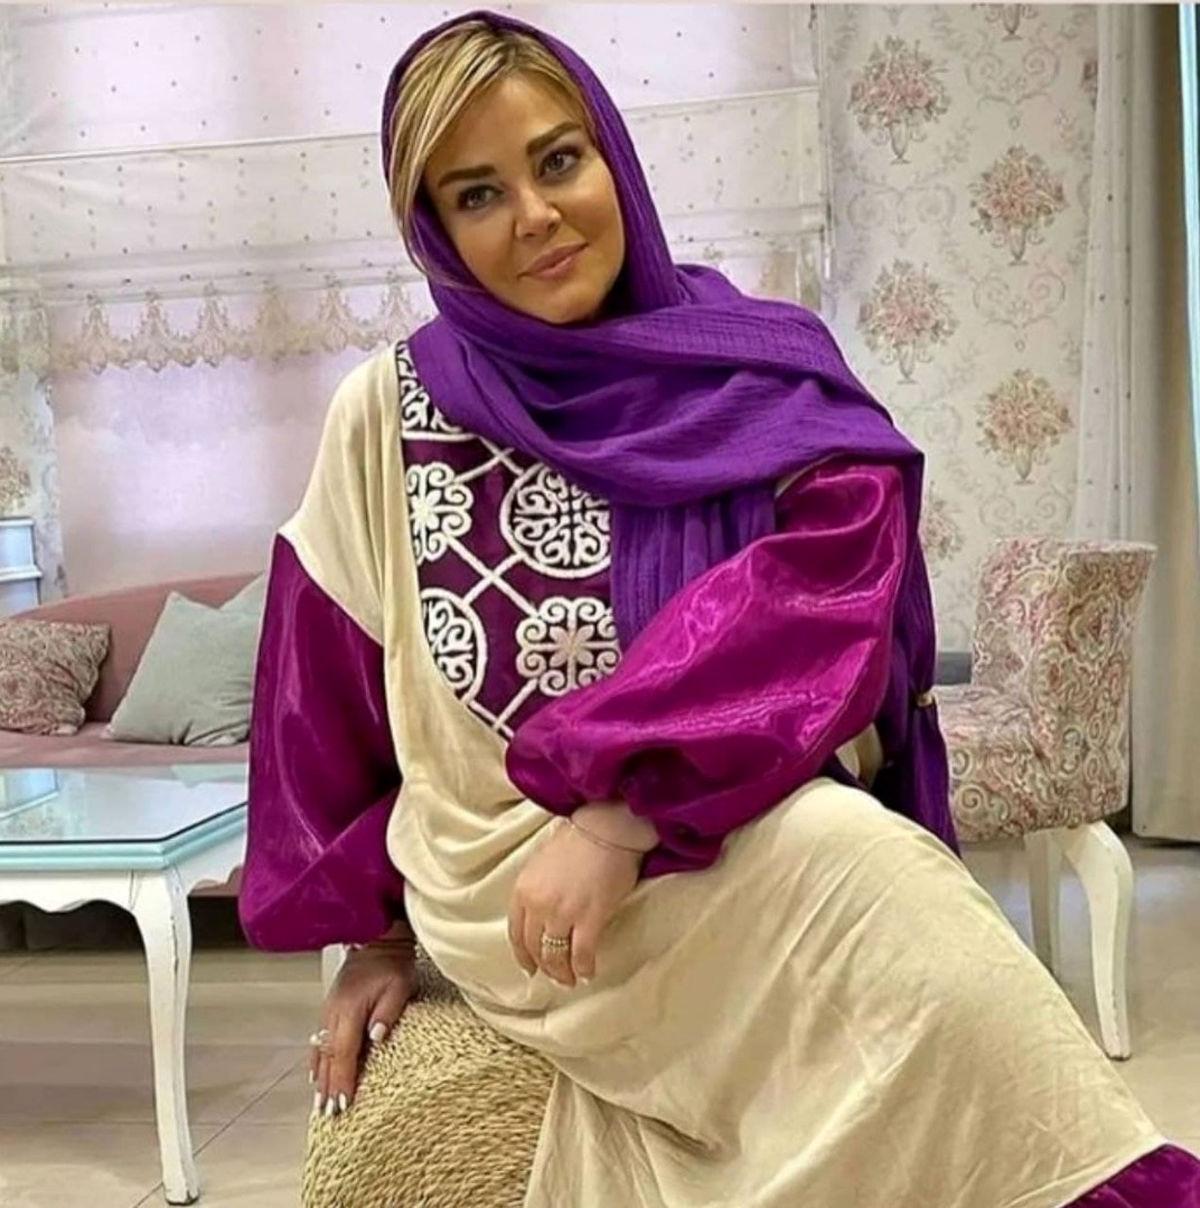 فخر فروشی بهاره رهنما با لباس گرانقیمت عربی+عکس